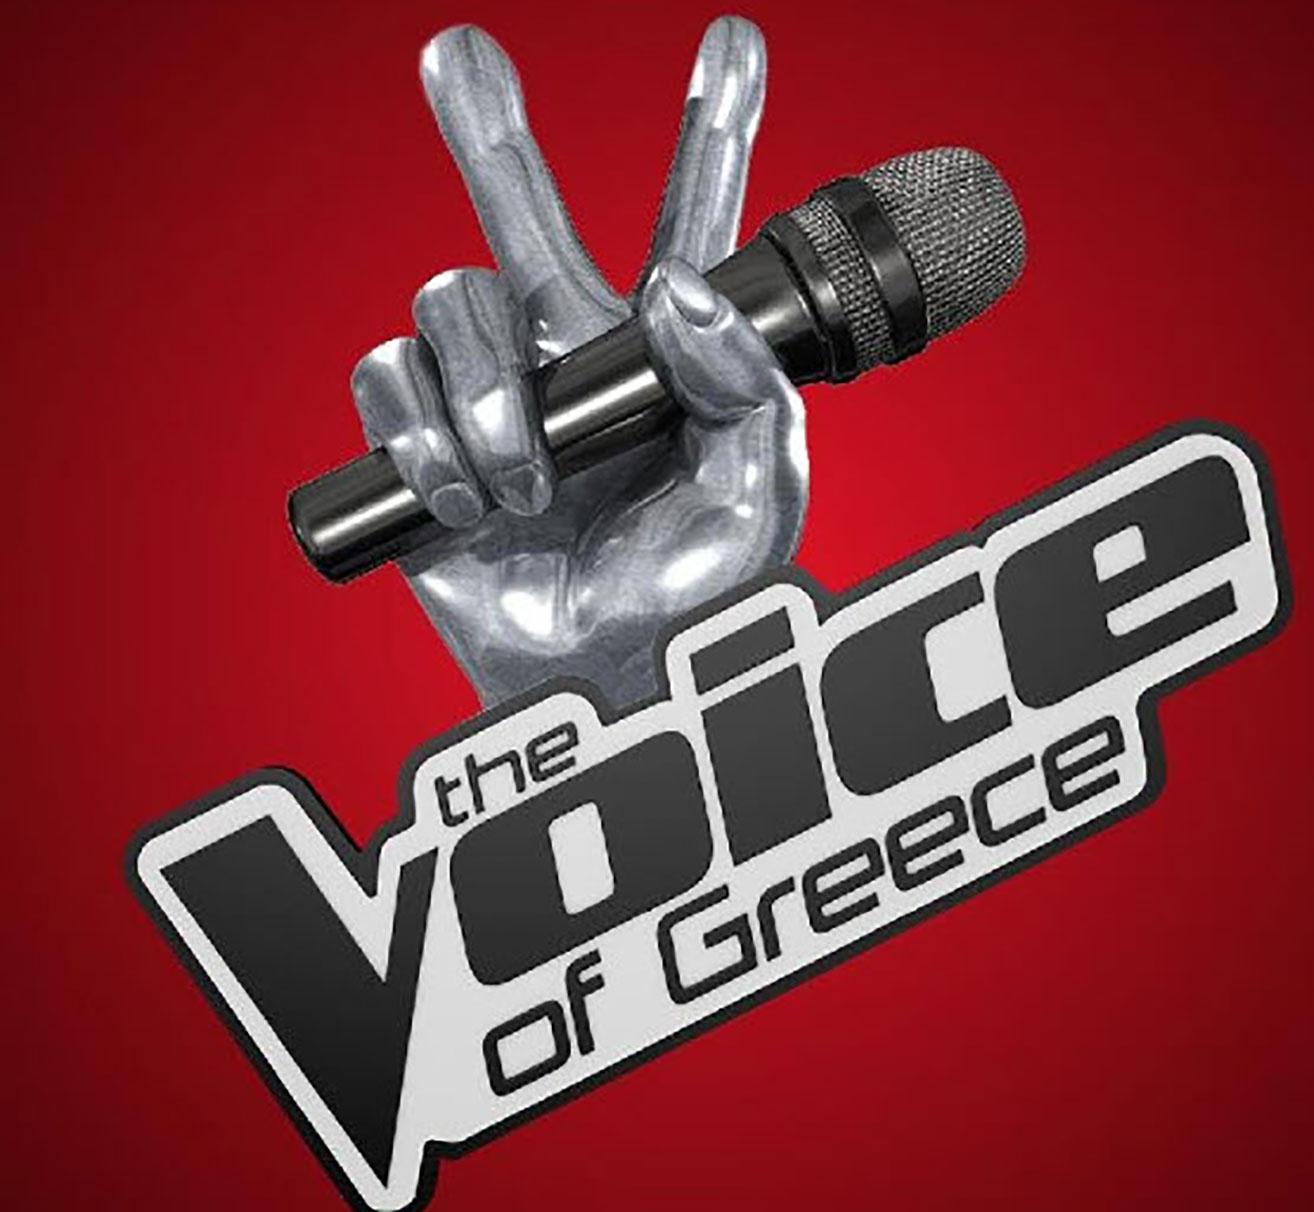 Ανατροπή: επιστρέφει το VOICE | Newsit.gr